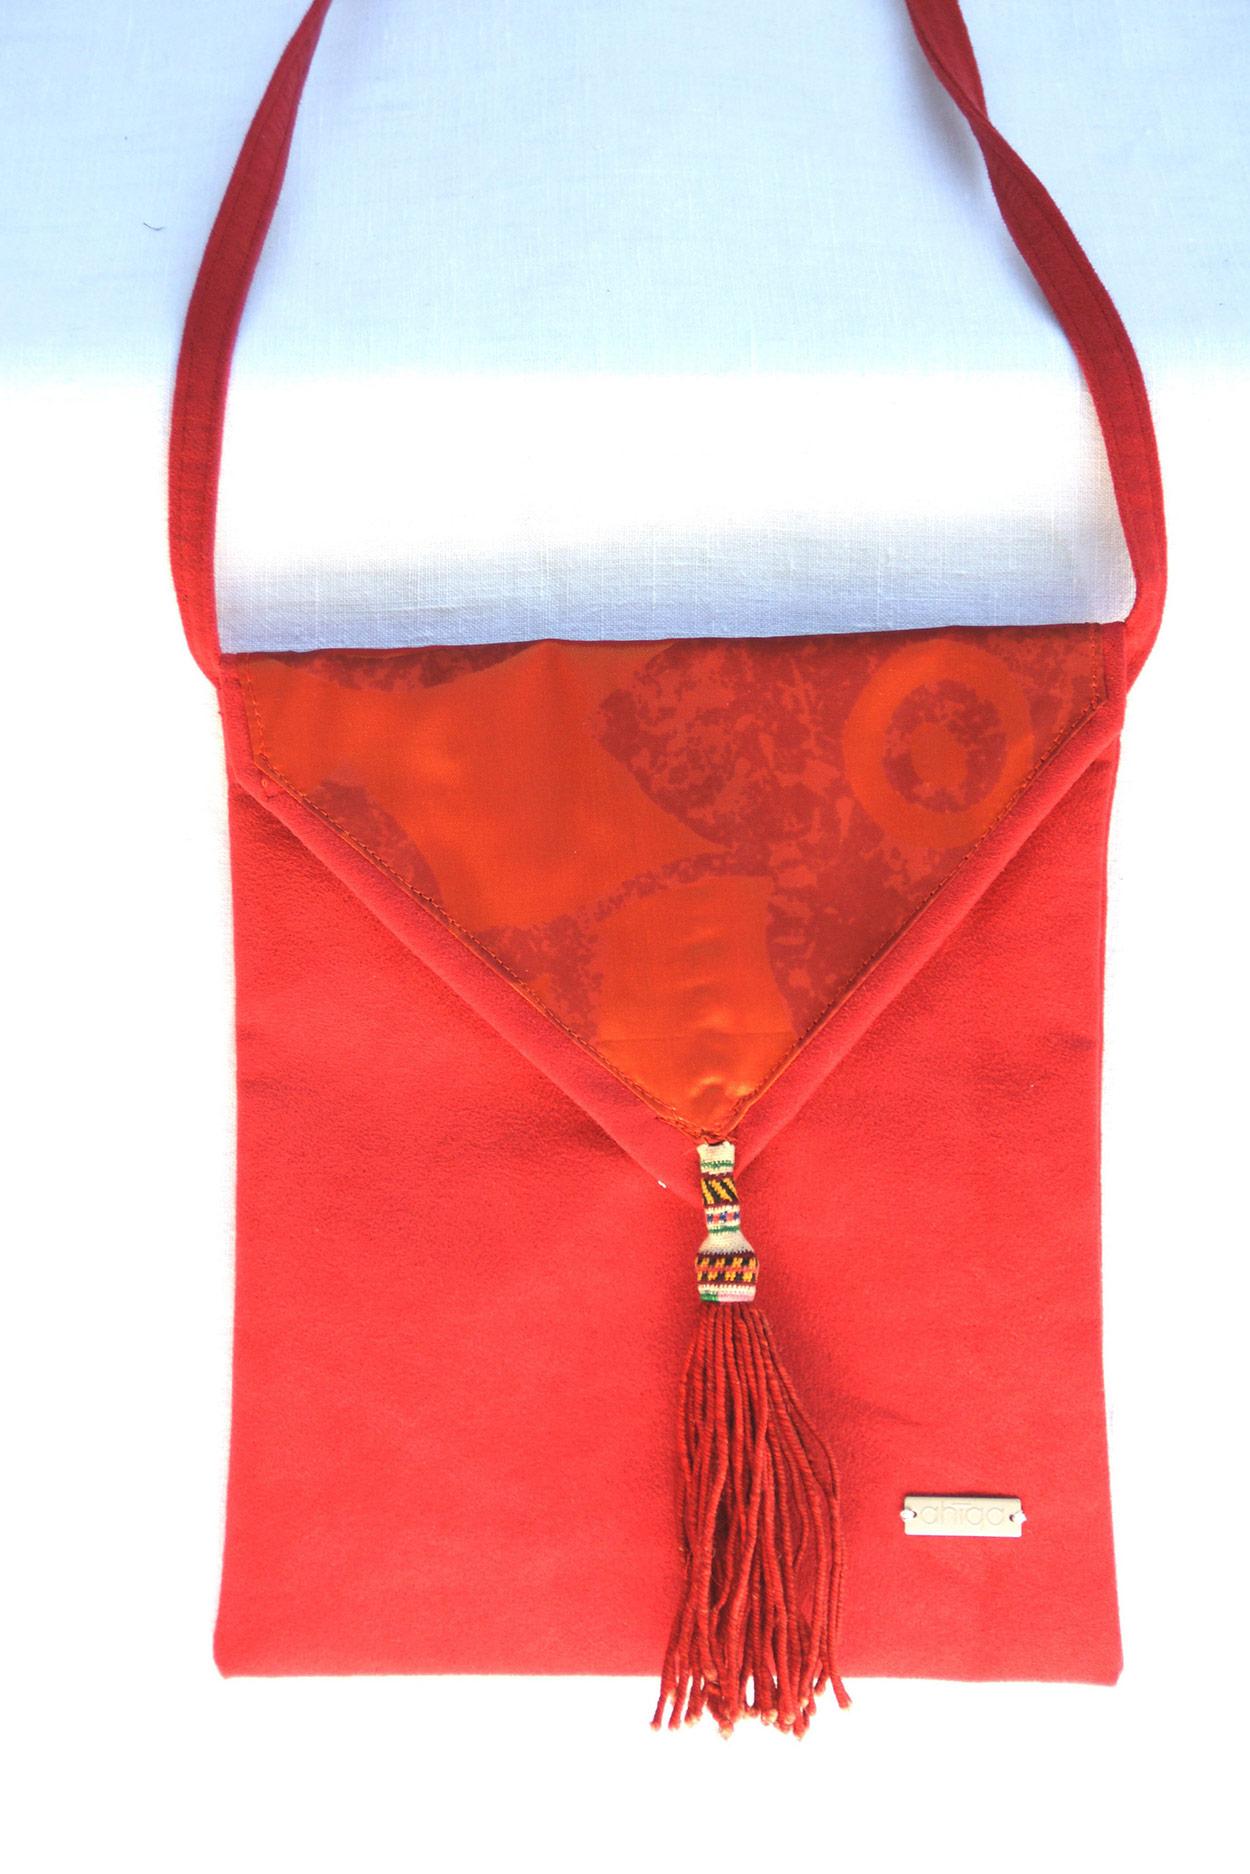 Kuverttaschen-(2)